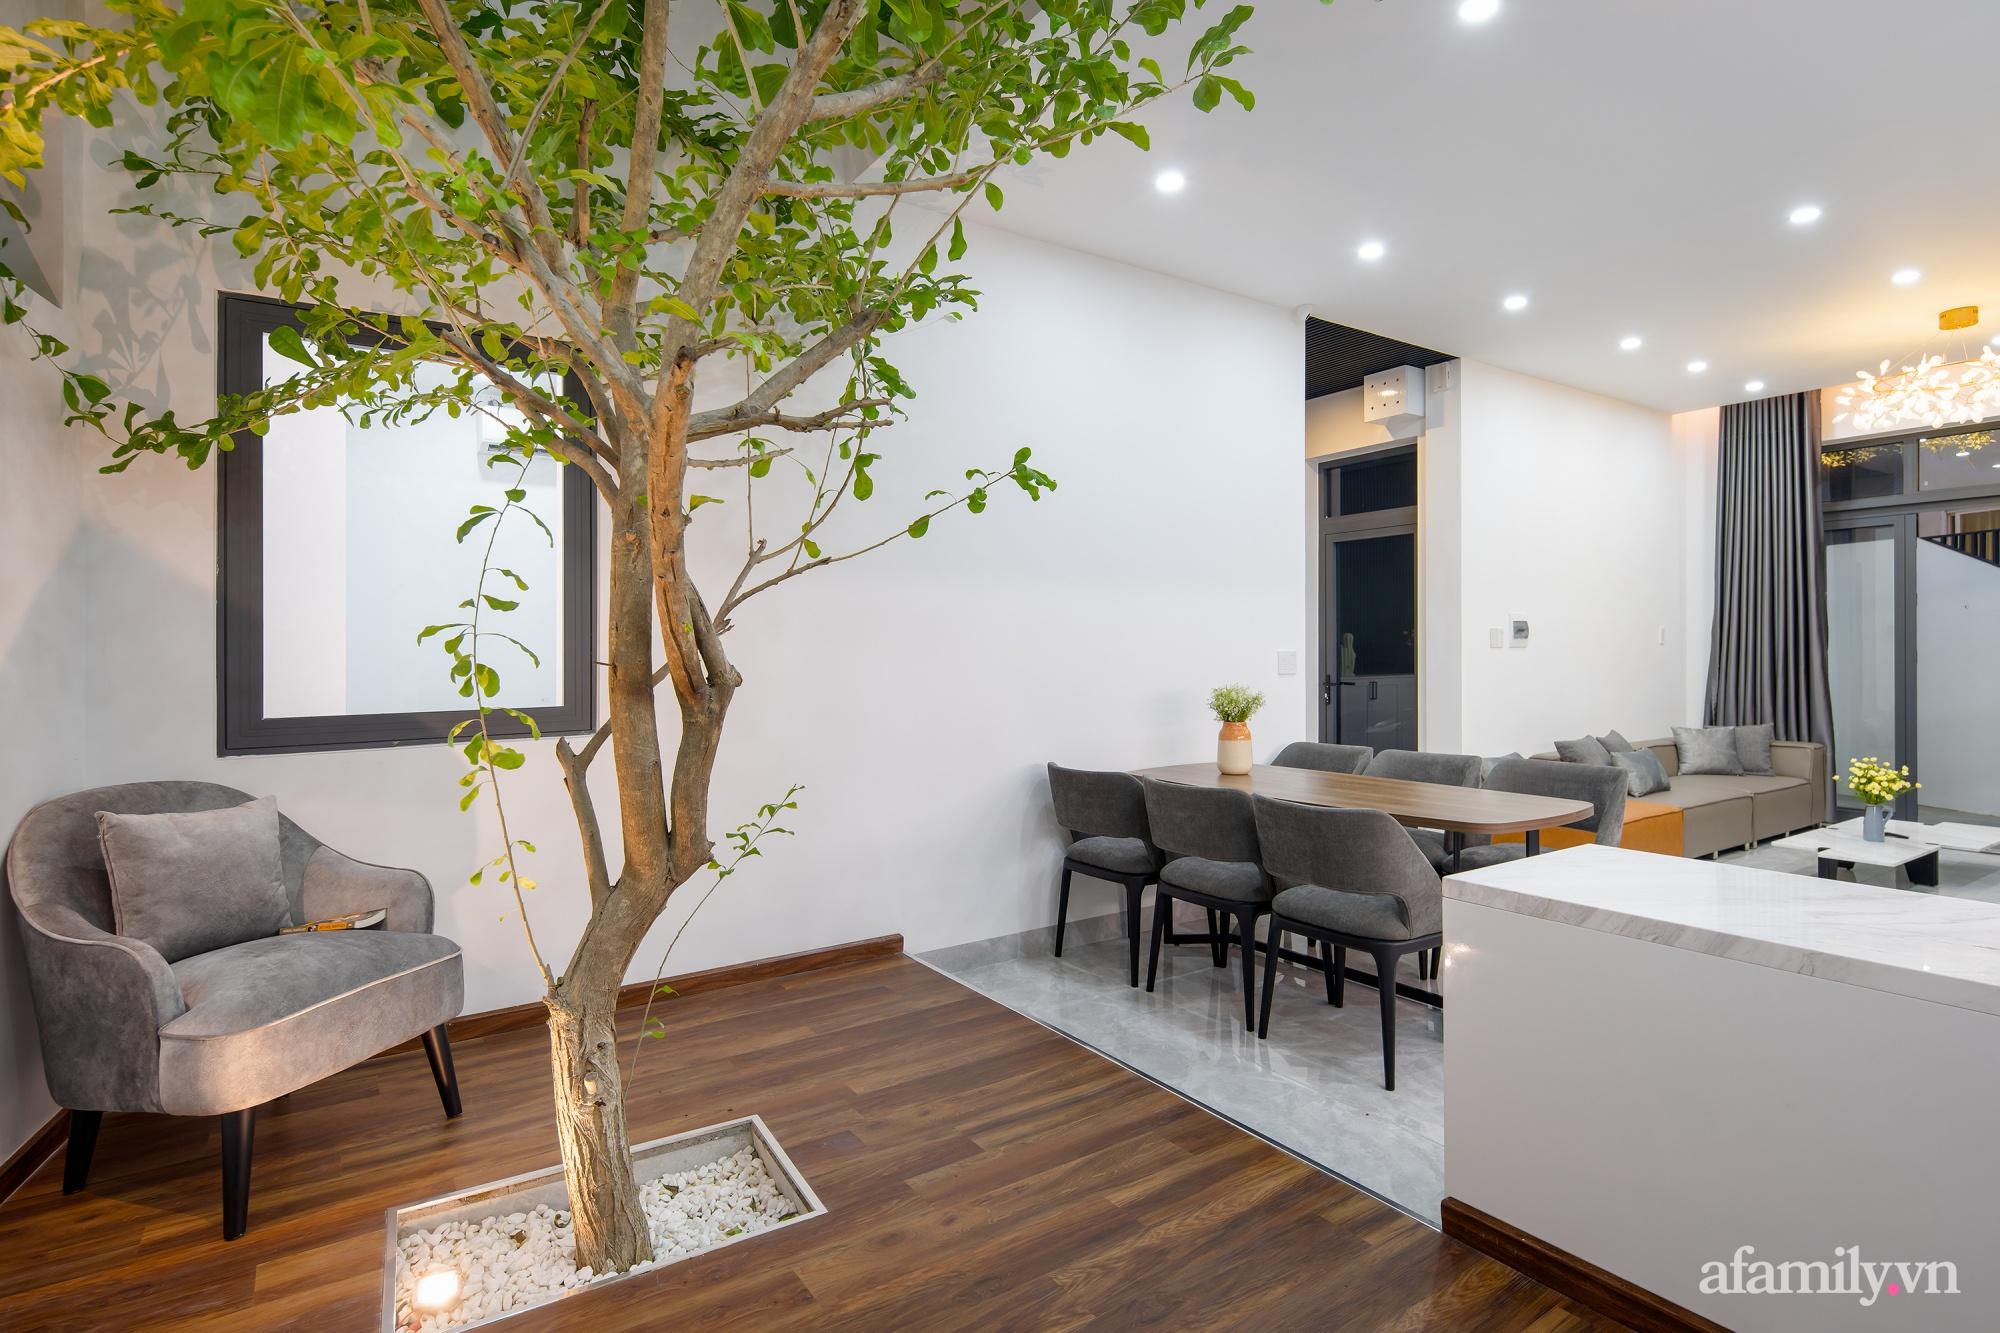 Nhà trong hẻm nhỏ vẫn ngập tràn ánh sáng, duyên dáng với nội thất tối giản ở Đà Nẵng - Ảnh 9.